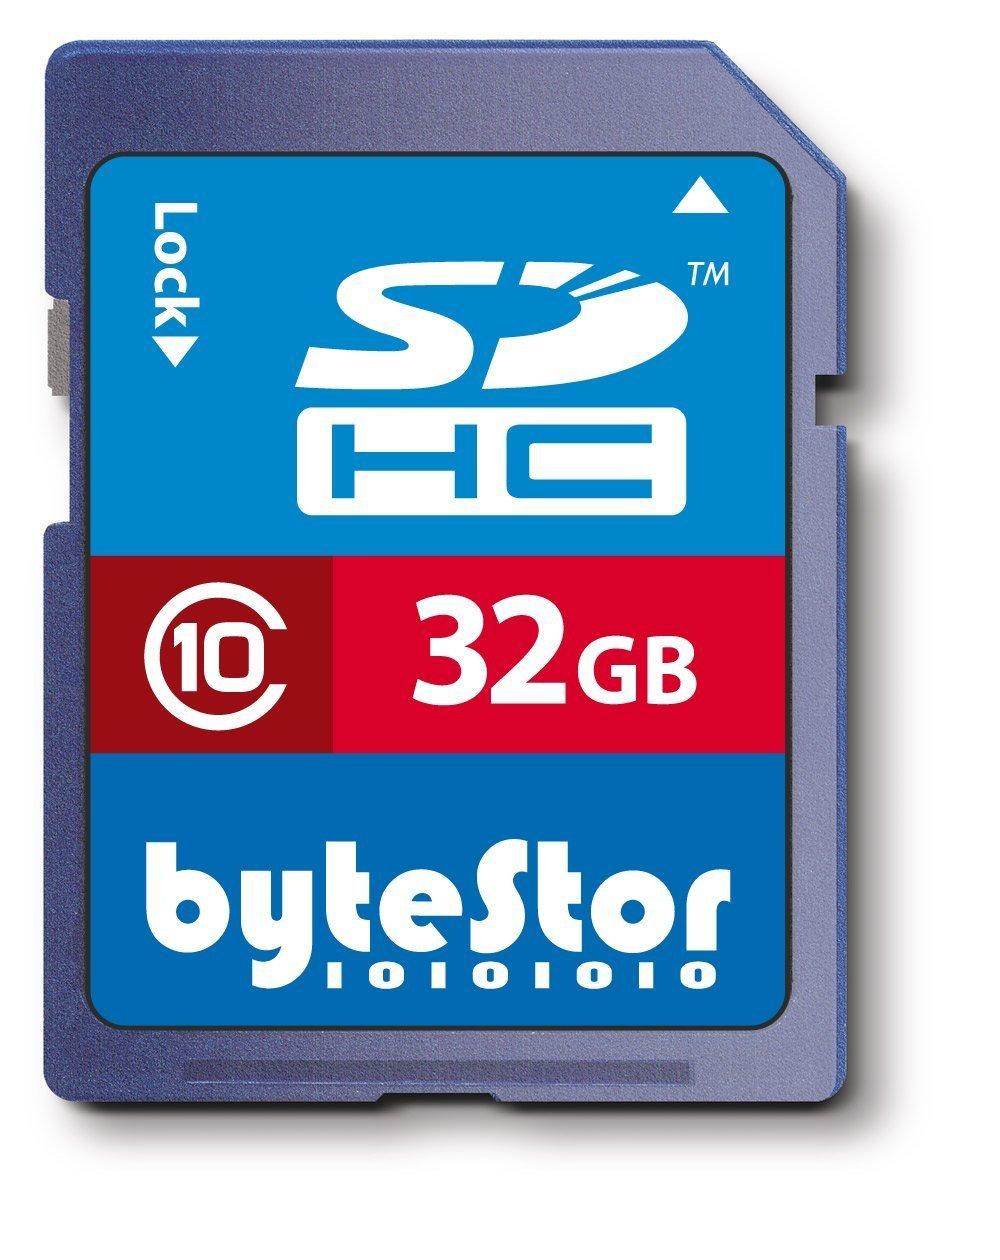 Bytestor BYTEZSDH32G10 - Tarjeta de memoria SecureDigital de 32 GB (clase 10), azul  Informática Comentarios de clientes y más información